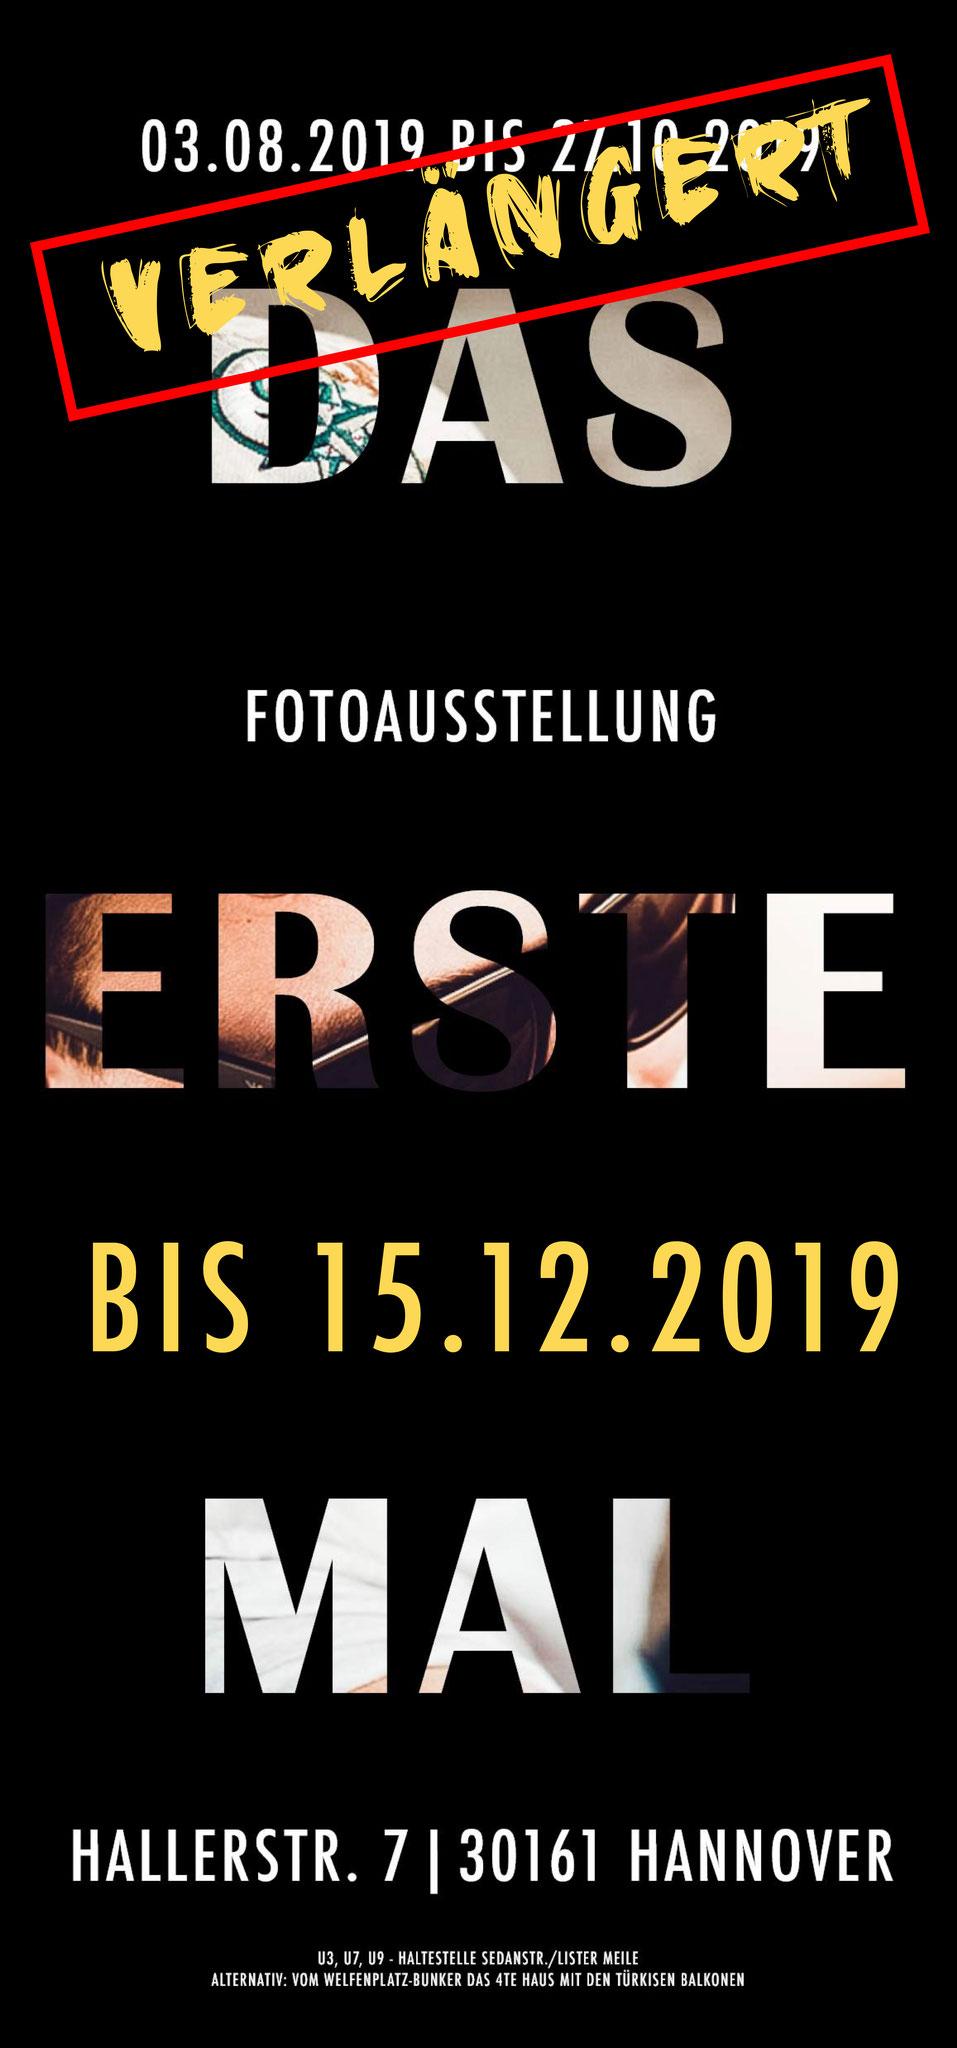 Flyer | Fotoausstellung | DAS ERSTE MAL | 03.08. - 15.12.2019 in Hannover